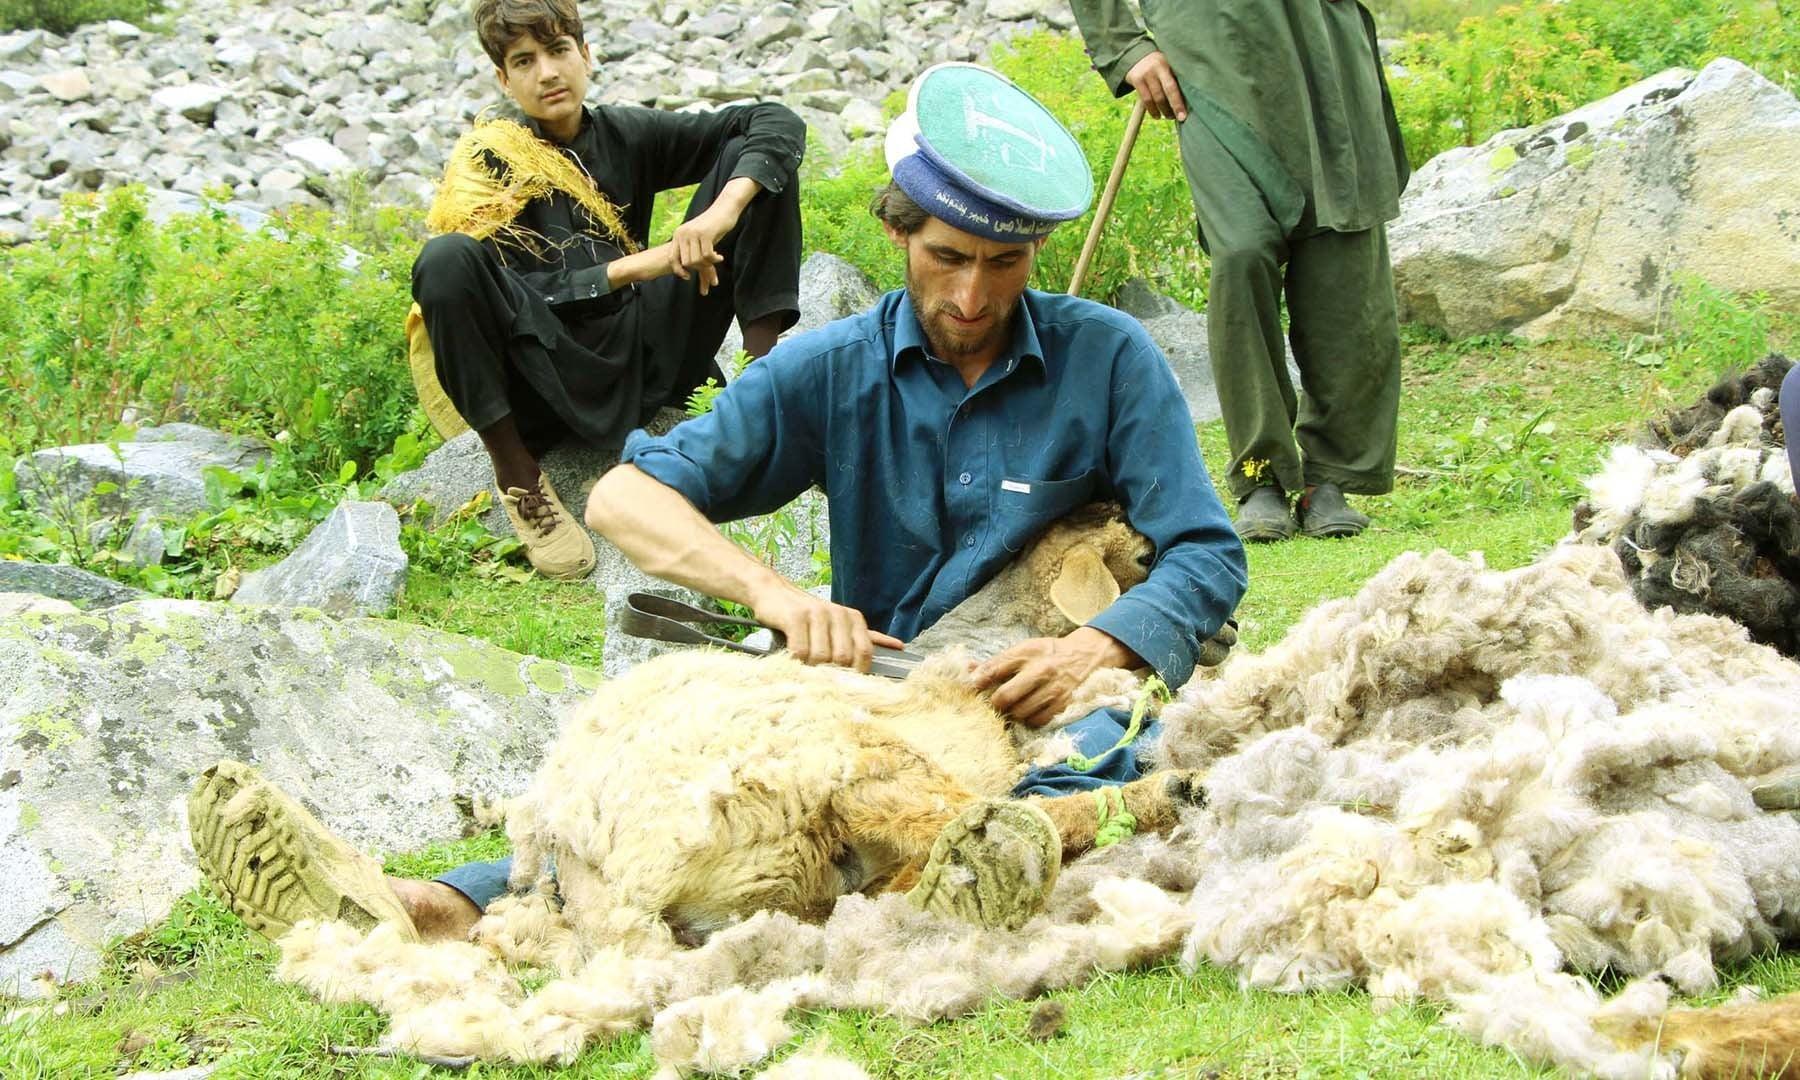 ایک گڈریا کھلے میدان میں بھیڑ سے اُون الگ کرنے میں مصروف ہے—تصویر امجد علی سحاب